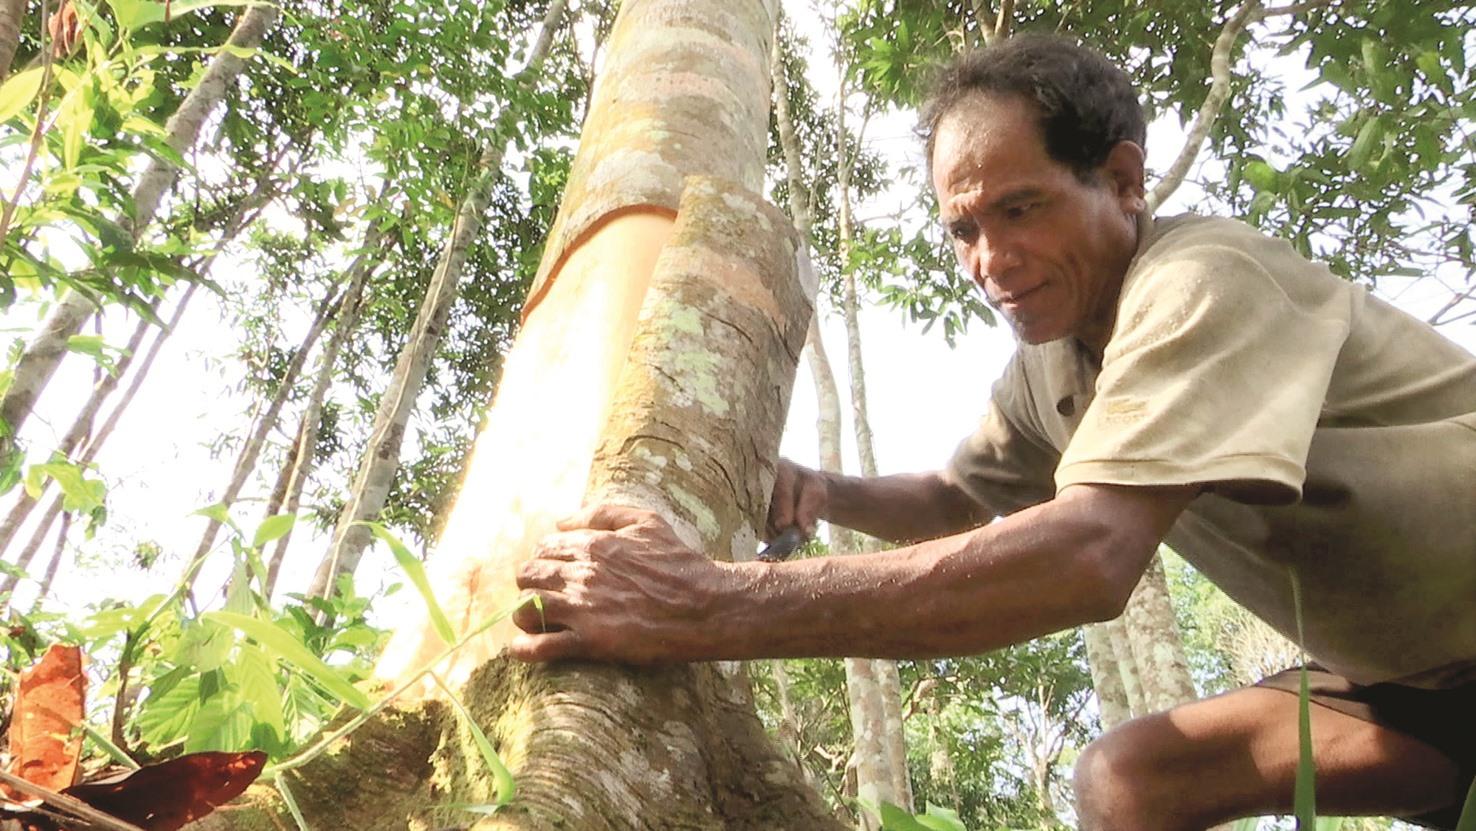 Người dân gìn giữ rừng quế không chỉ tạo ra sinh kế mà còn bảo vệ rừng, bảo vệ đất. Ảnh: D.L